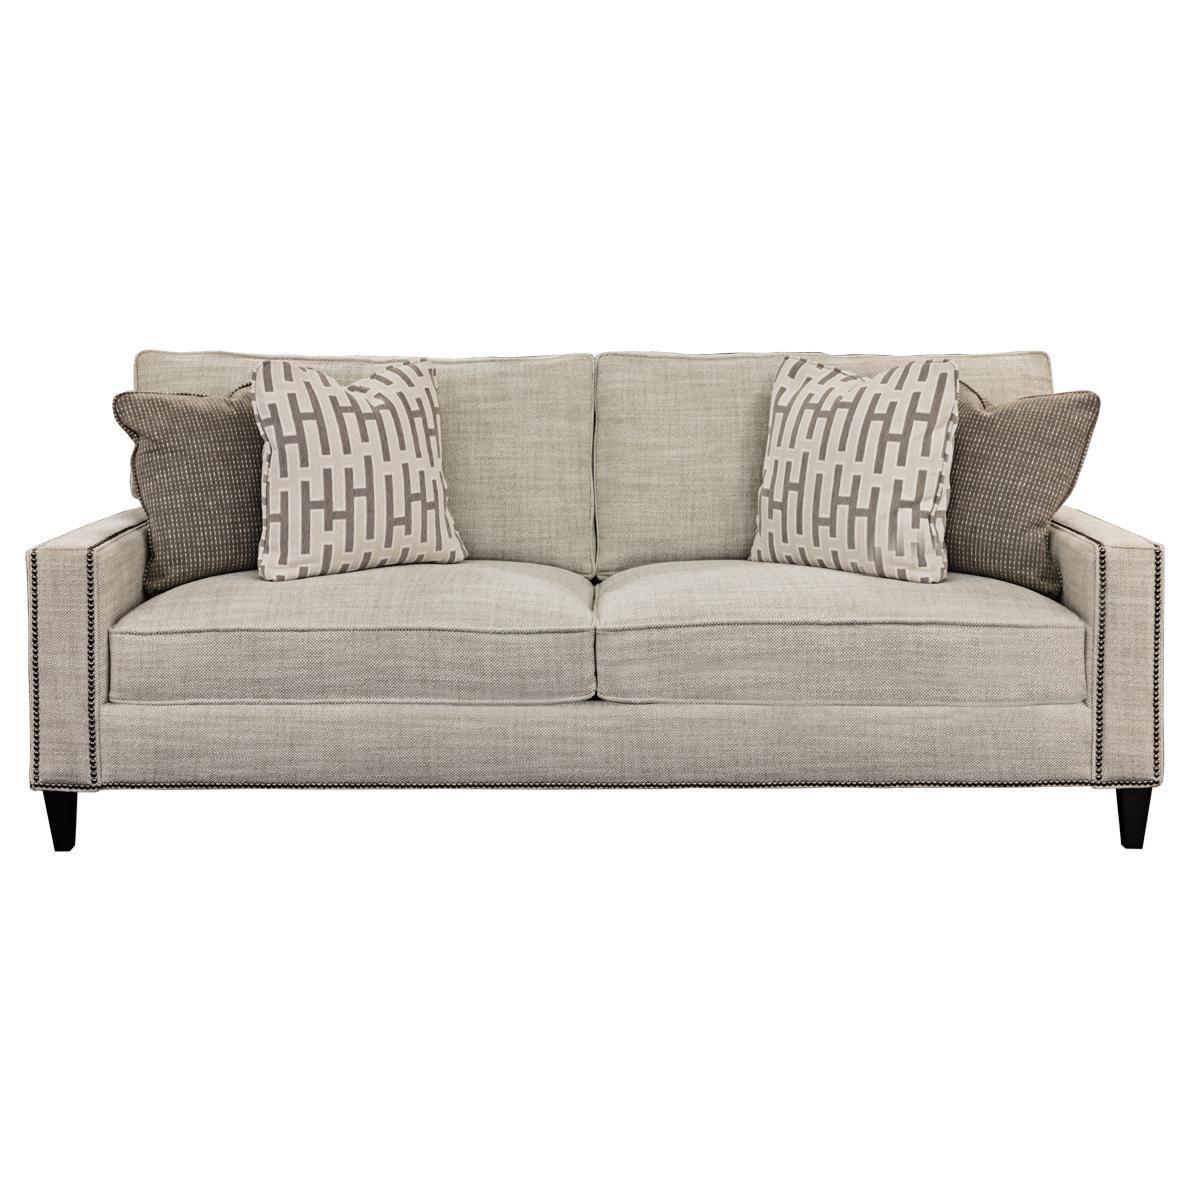 Bernhardt Sofa In Tan Nebraska Furniture Mart Bernhardt Sofa